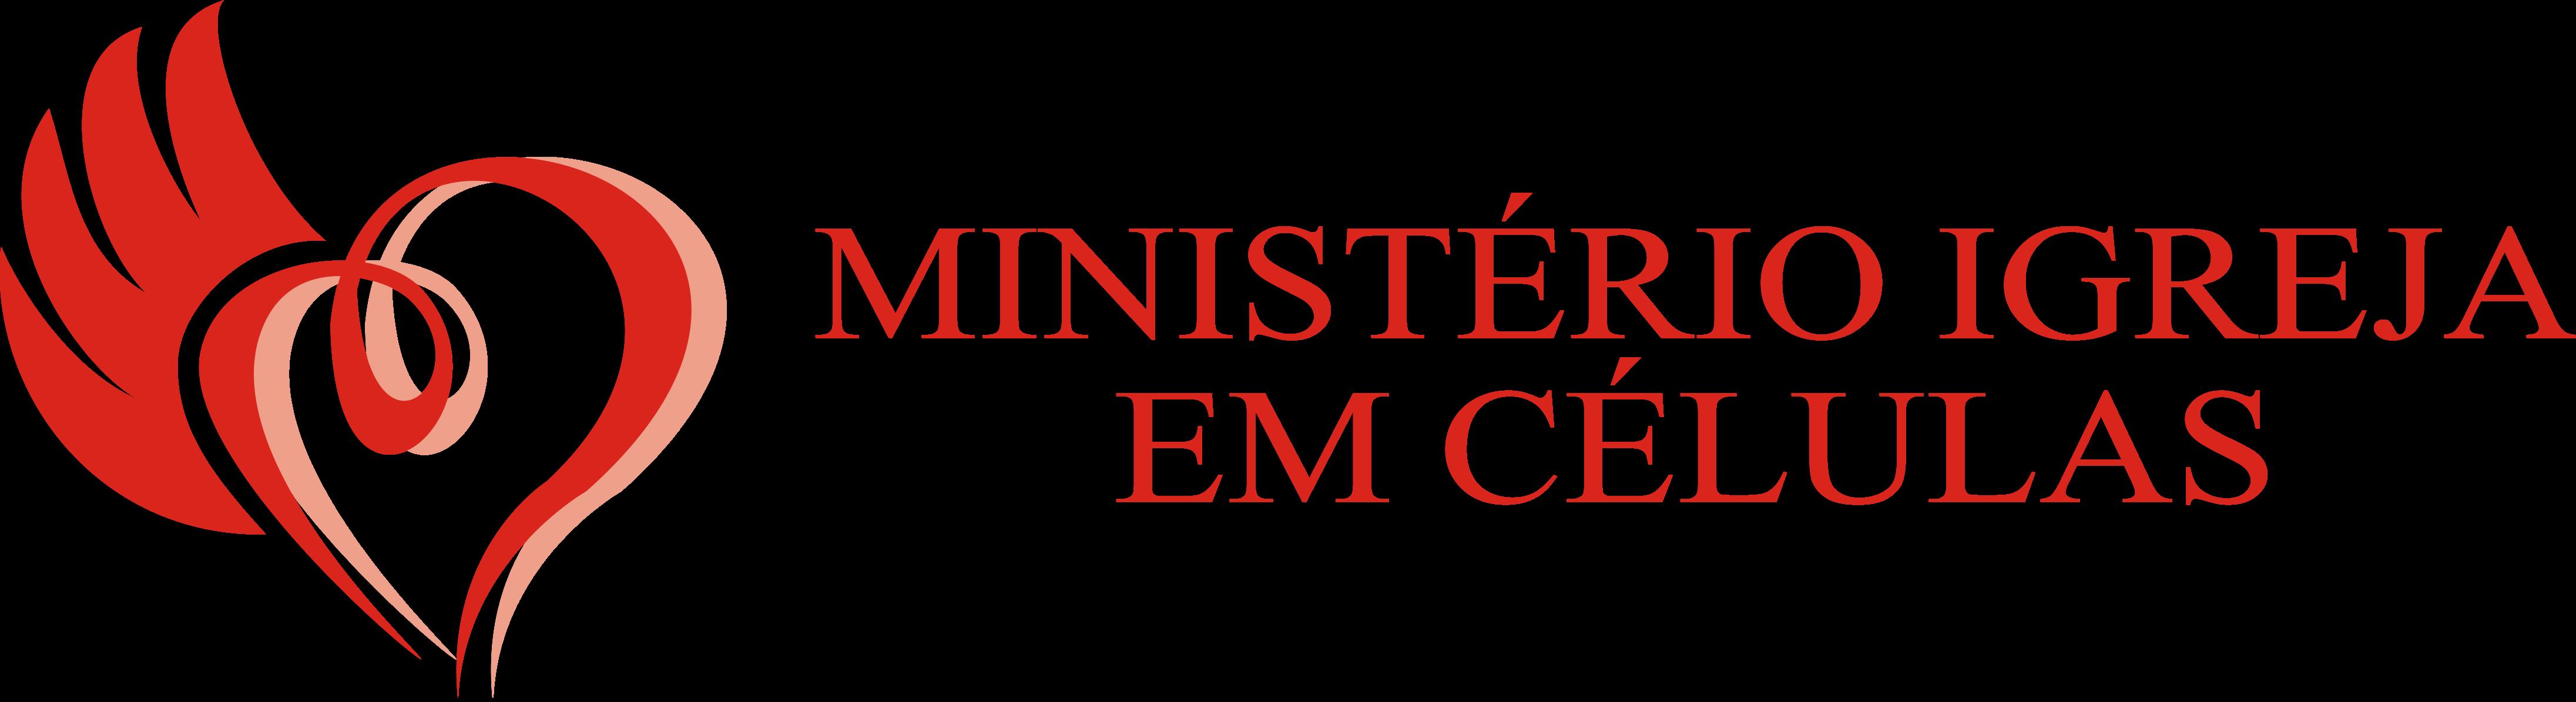 Ministério Igreja em Células